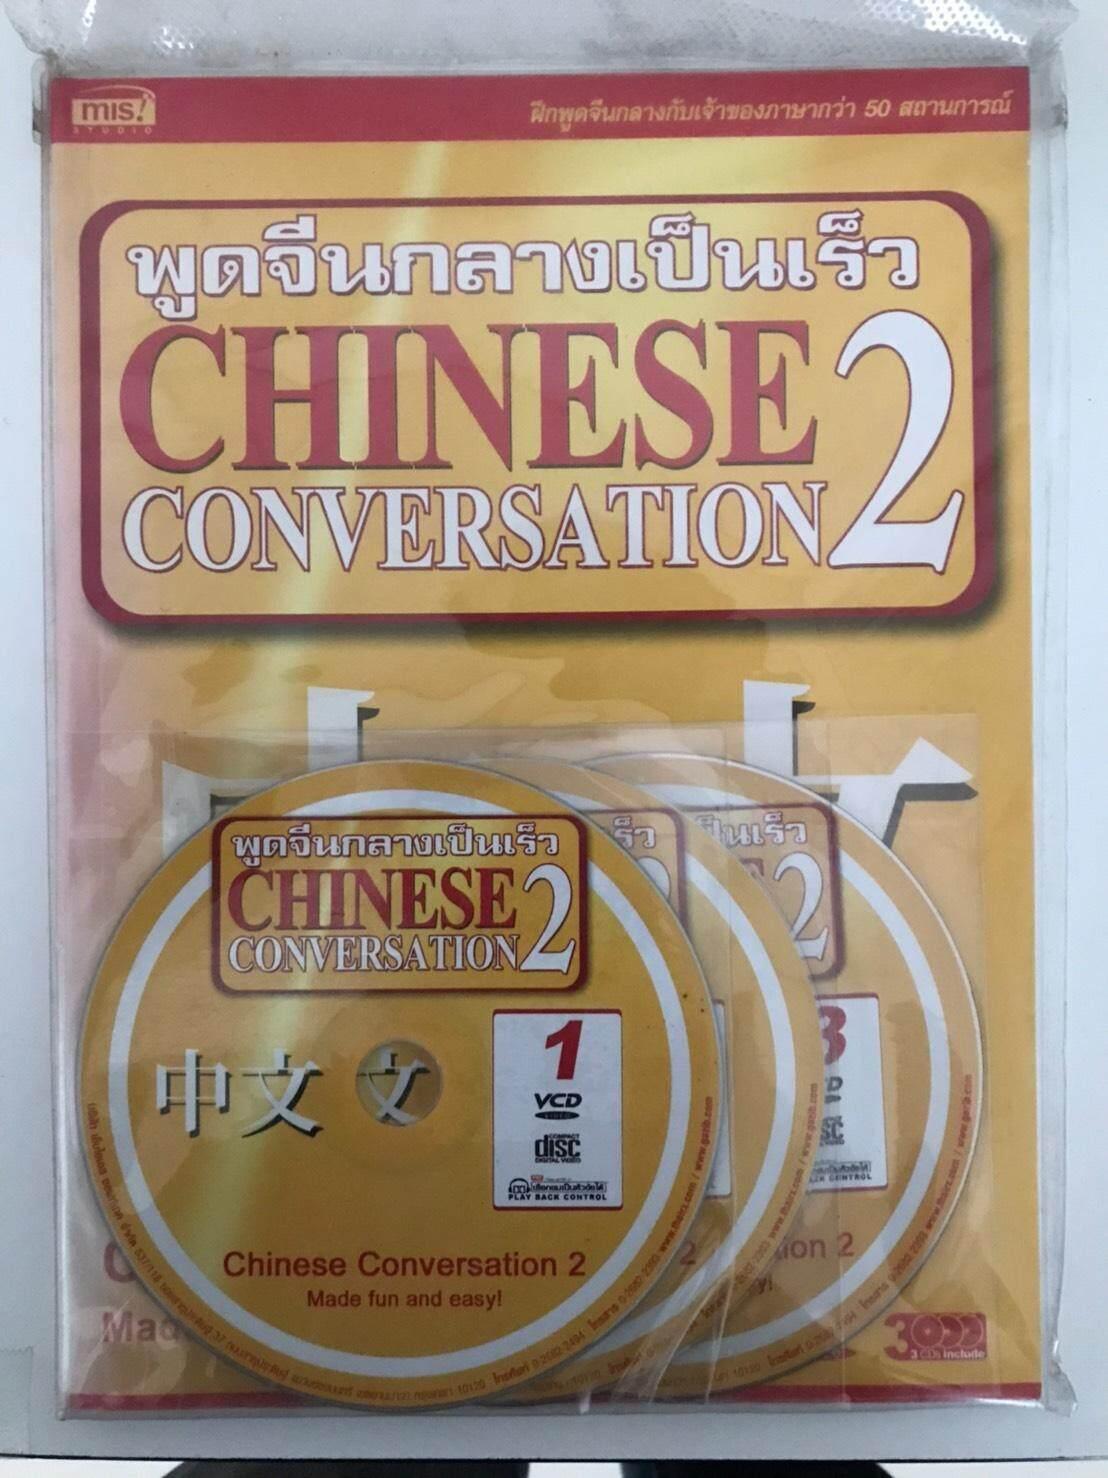 พูดจีนกลางเป็นเร็ว 2 : Chinese Conver 2+3vcd By Bbook Store.